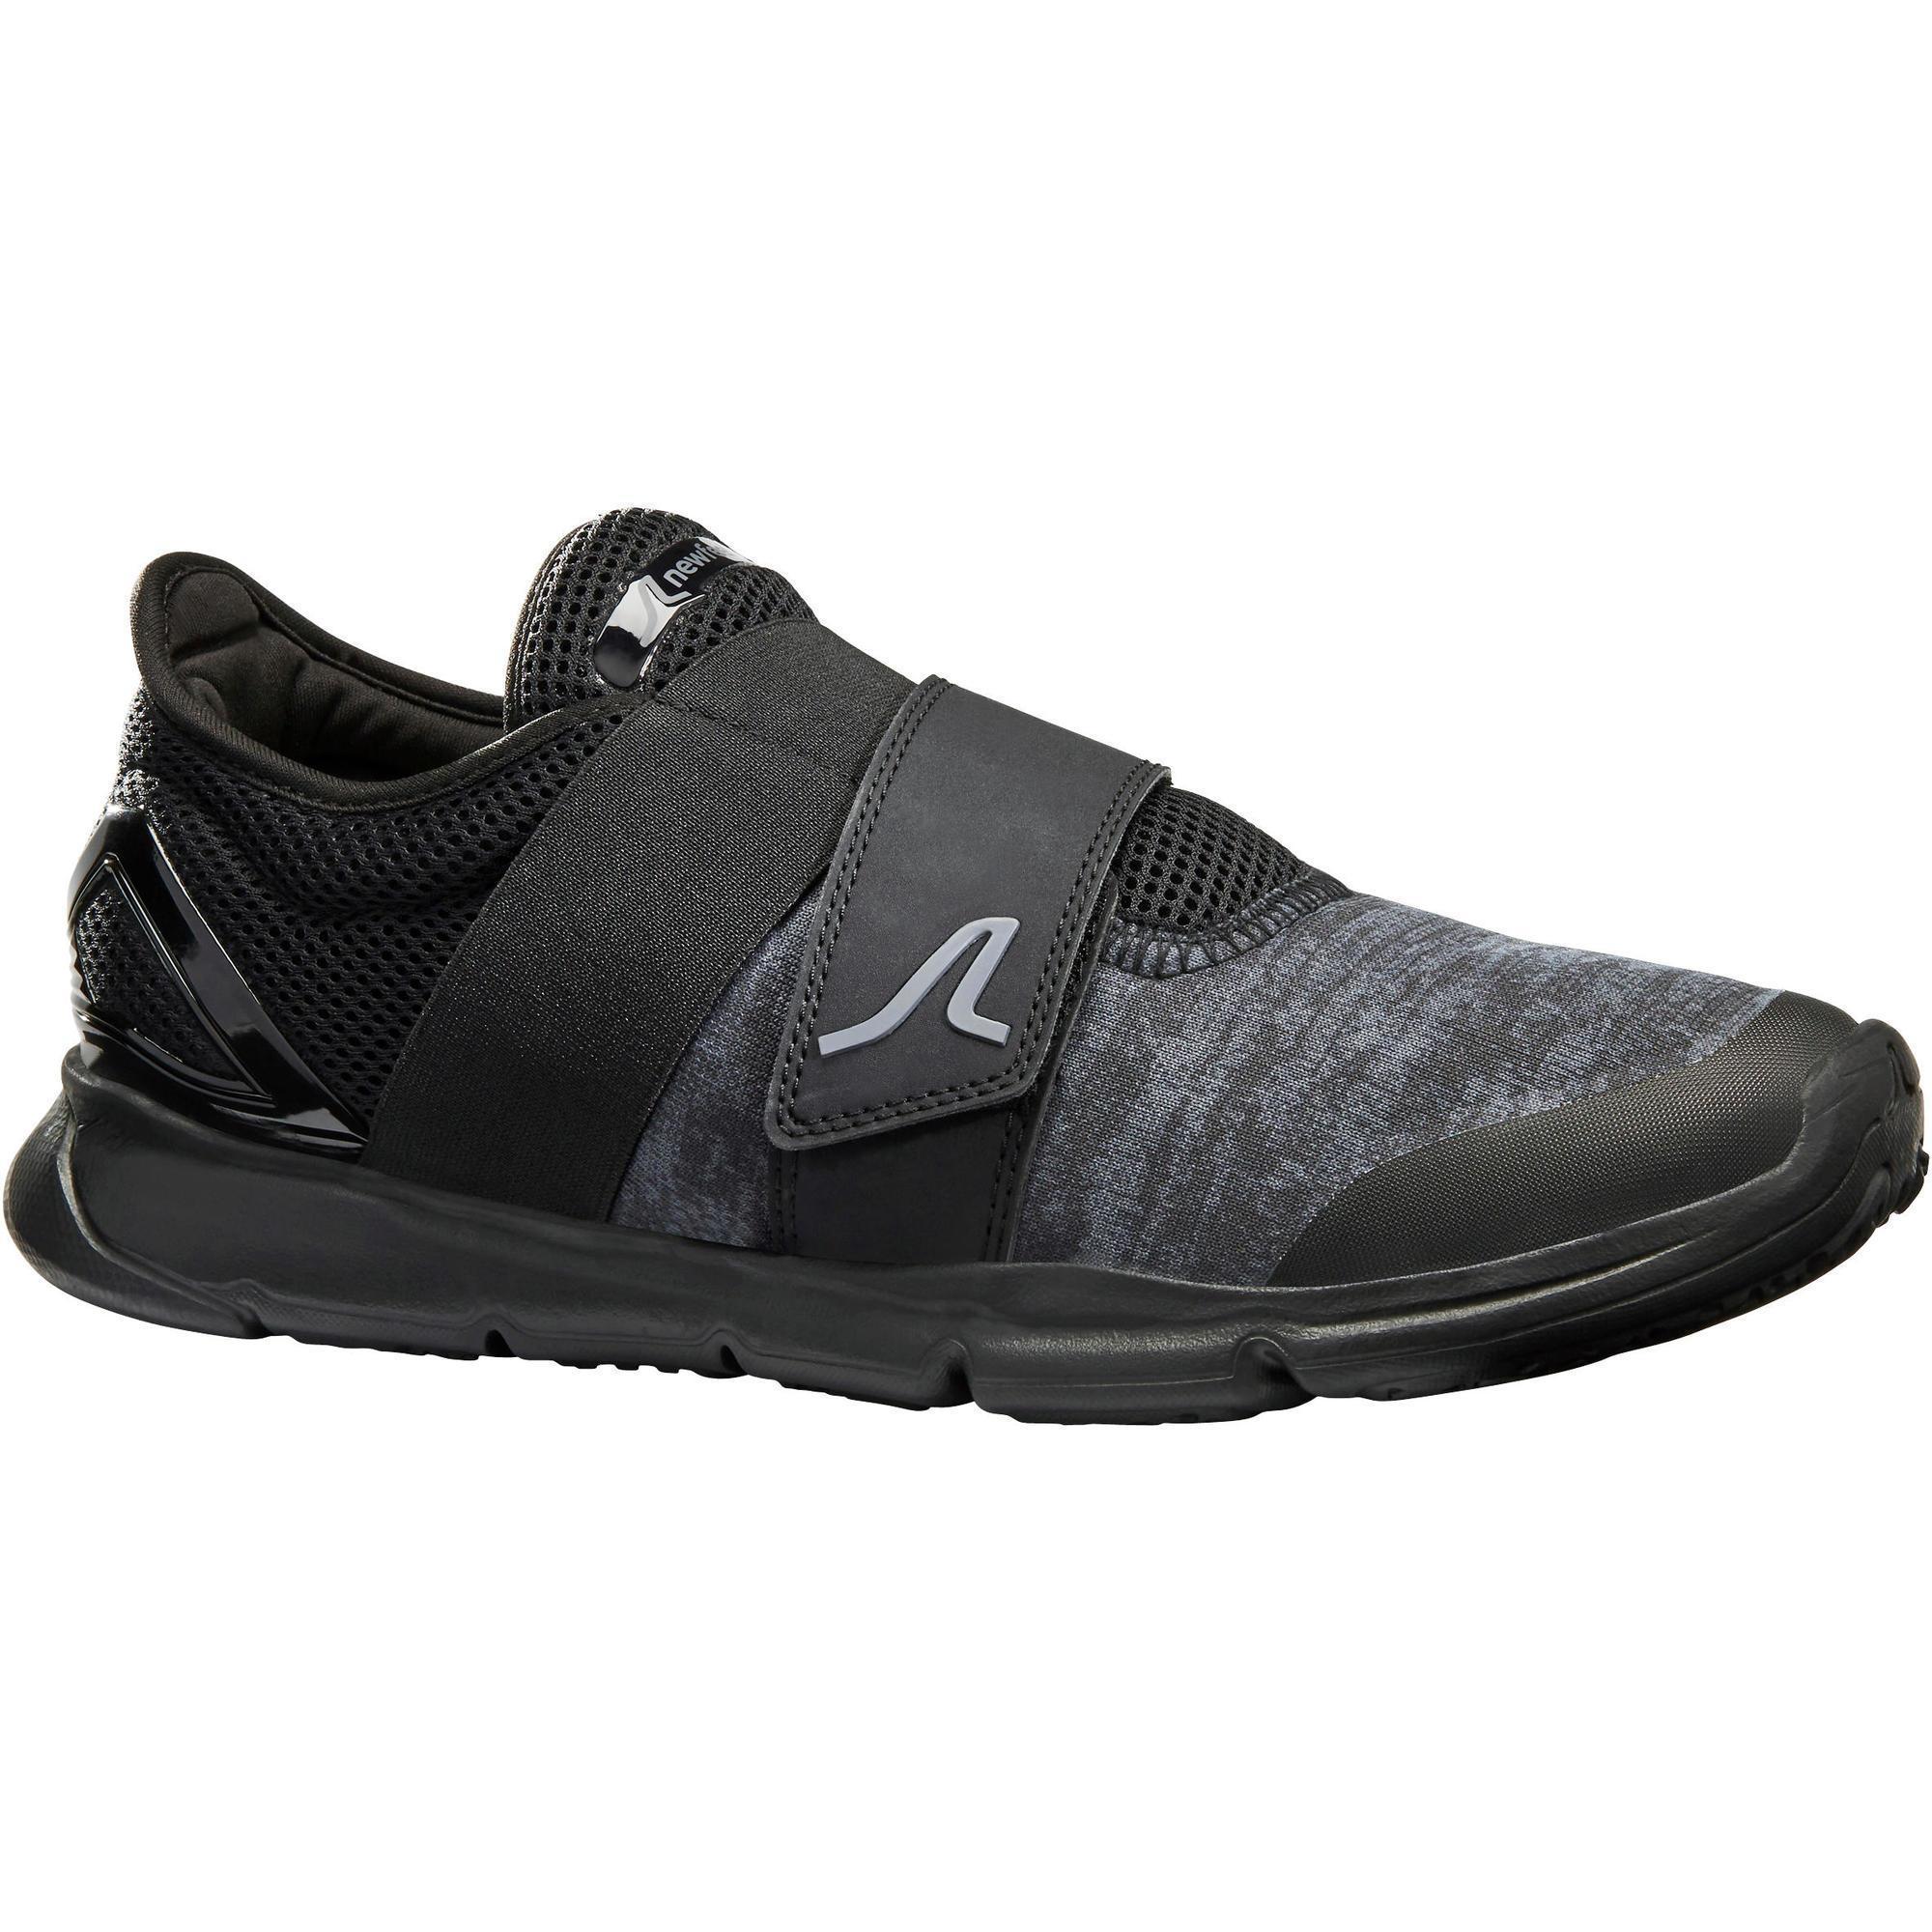 8c5635c8fde2f Comprar Zapatillas de Marcha Hombre Online